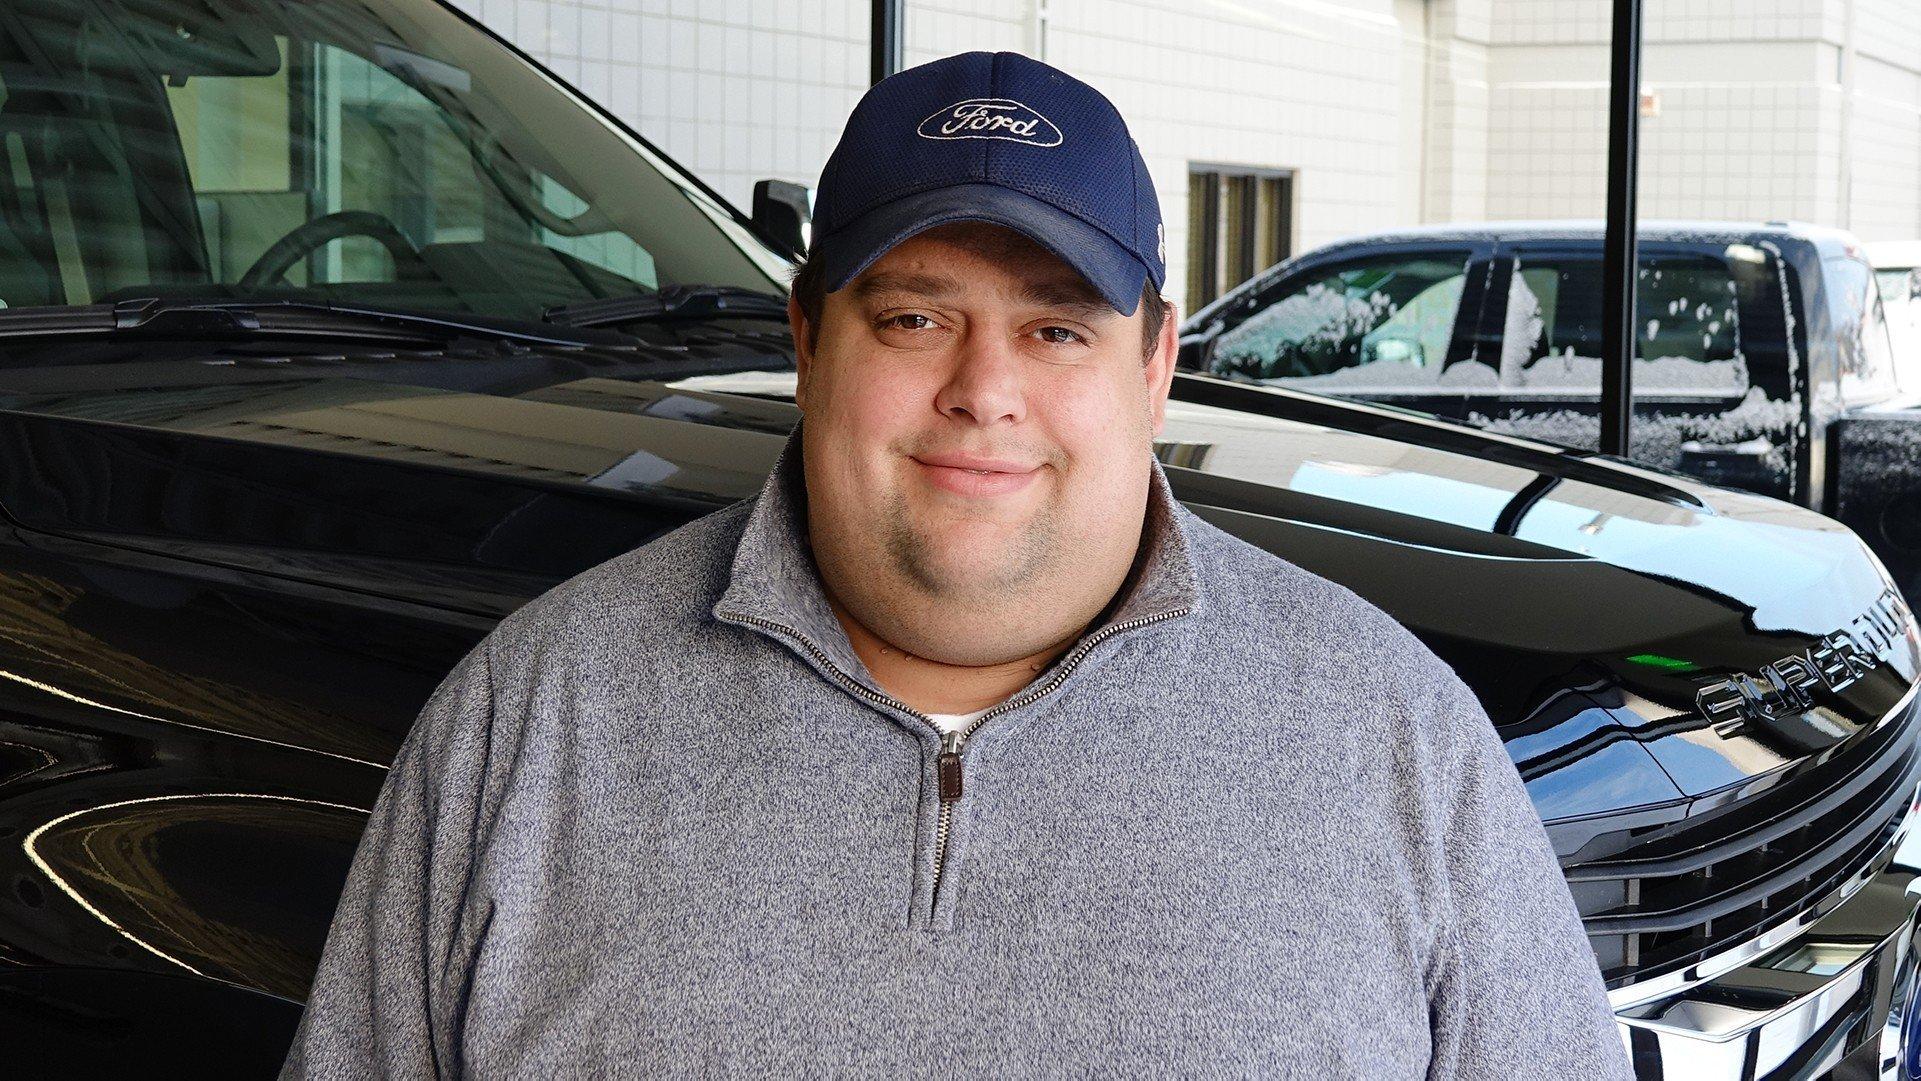 Chris Hill, Salesperson at Eide Ford in Bismarck, North Dakota